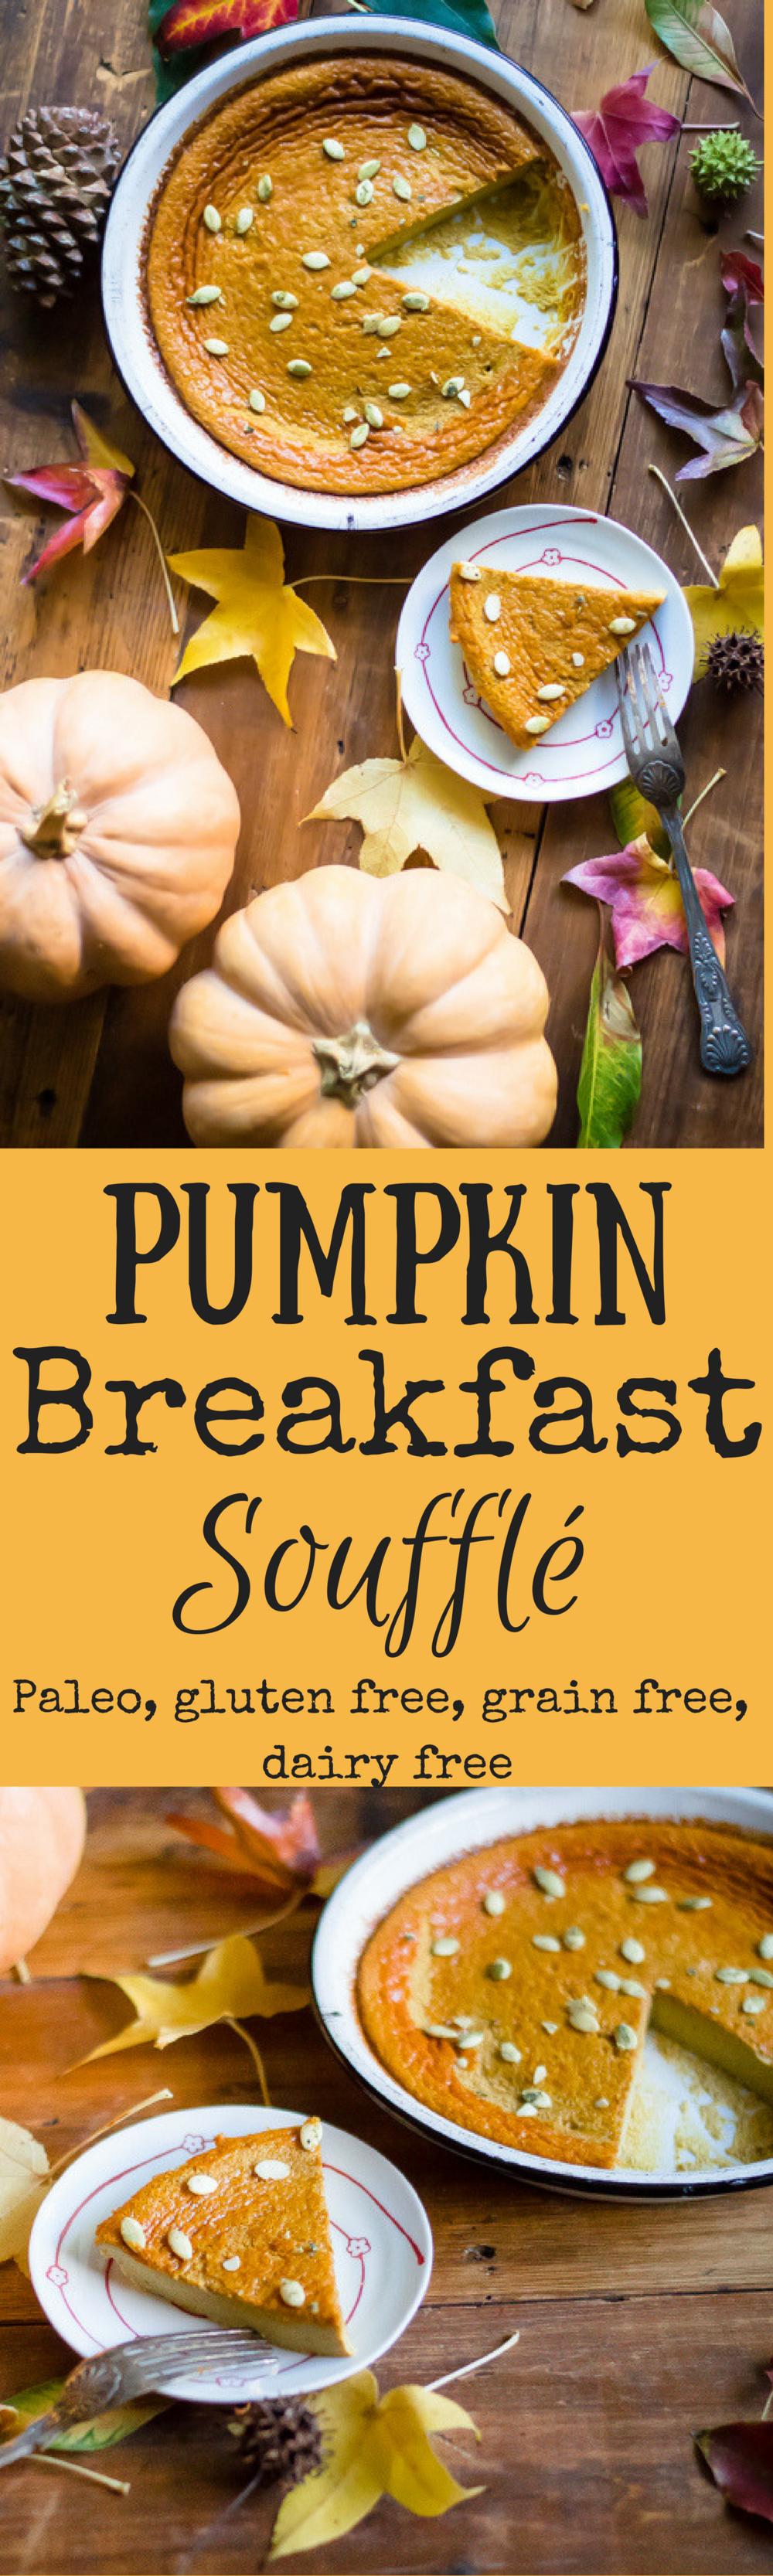 Pumpkin Breakfast Soufflé